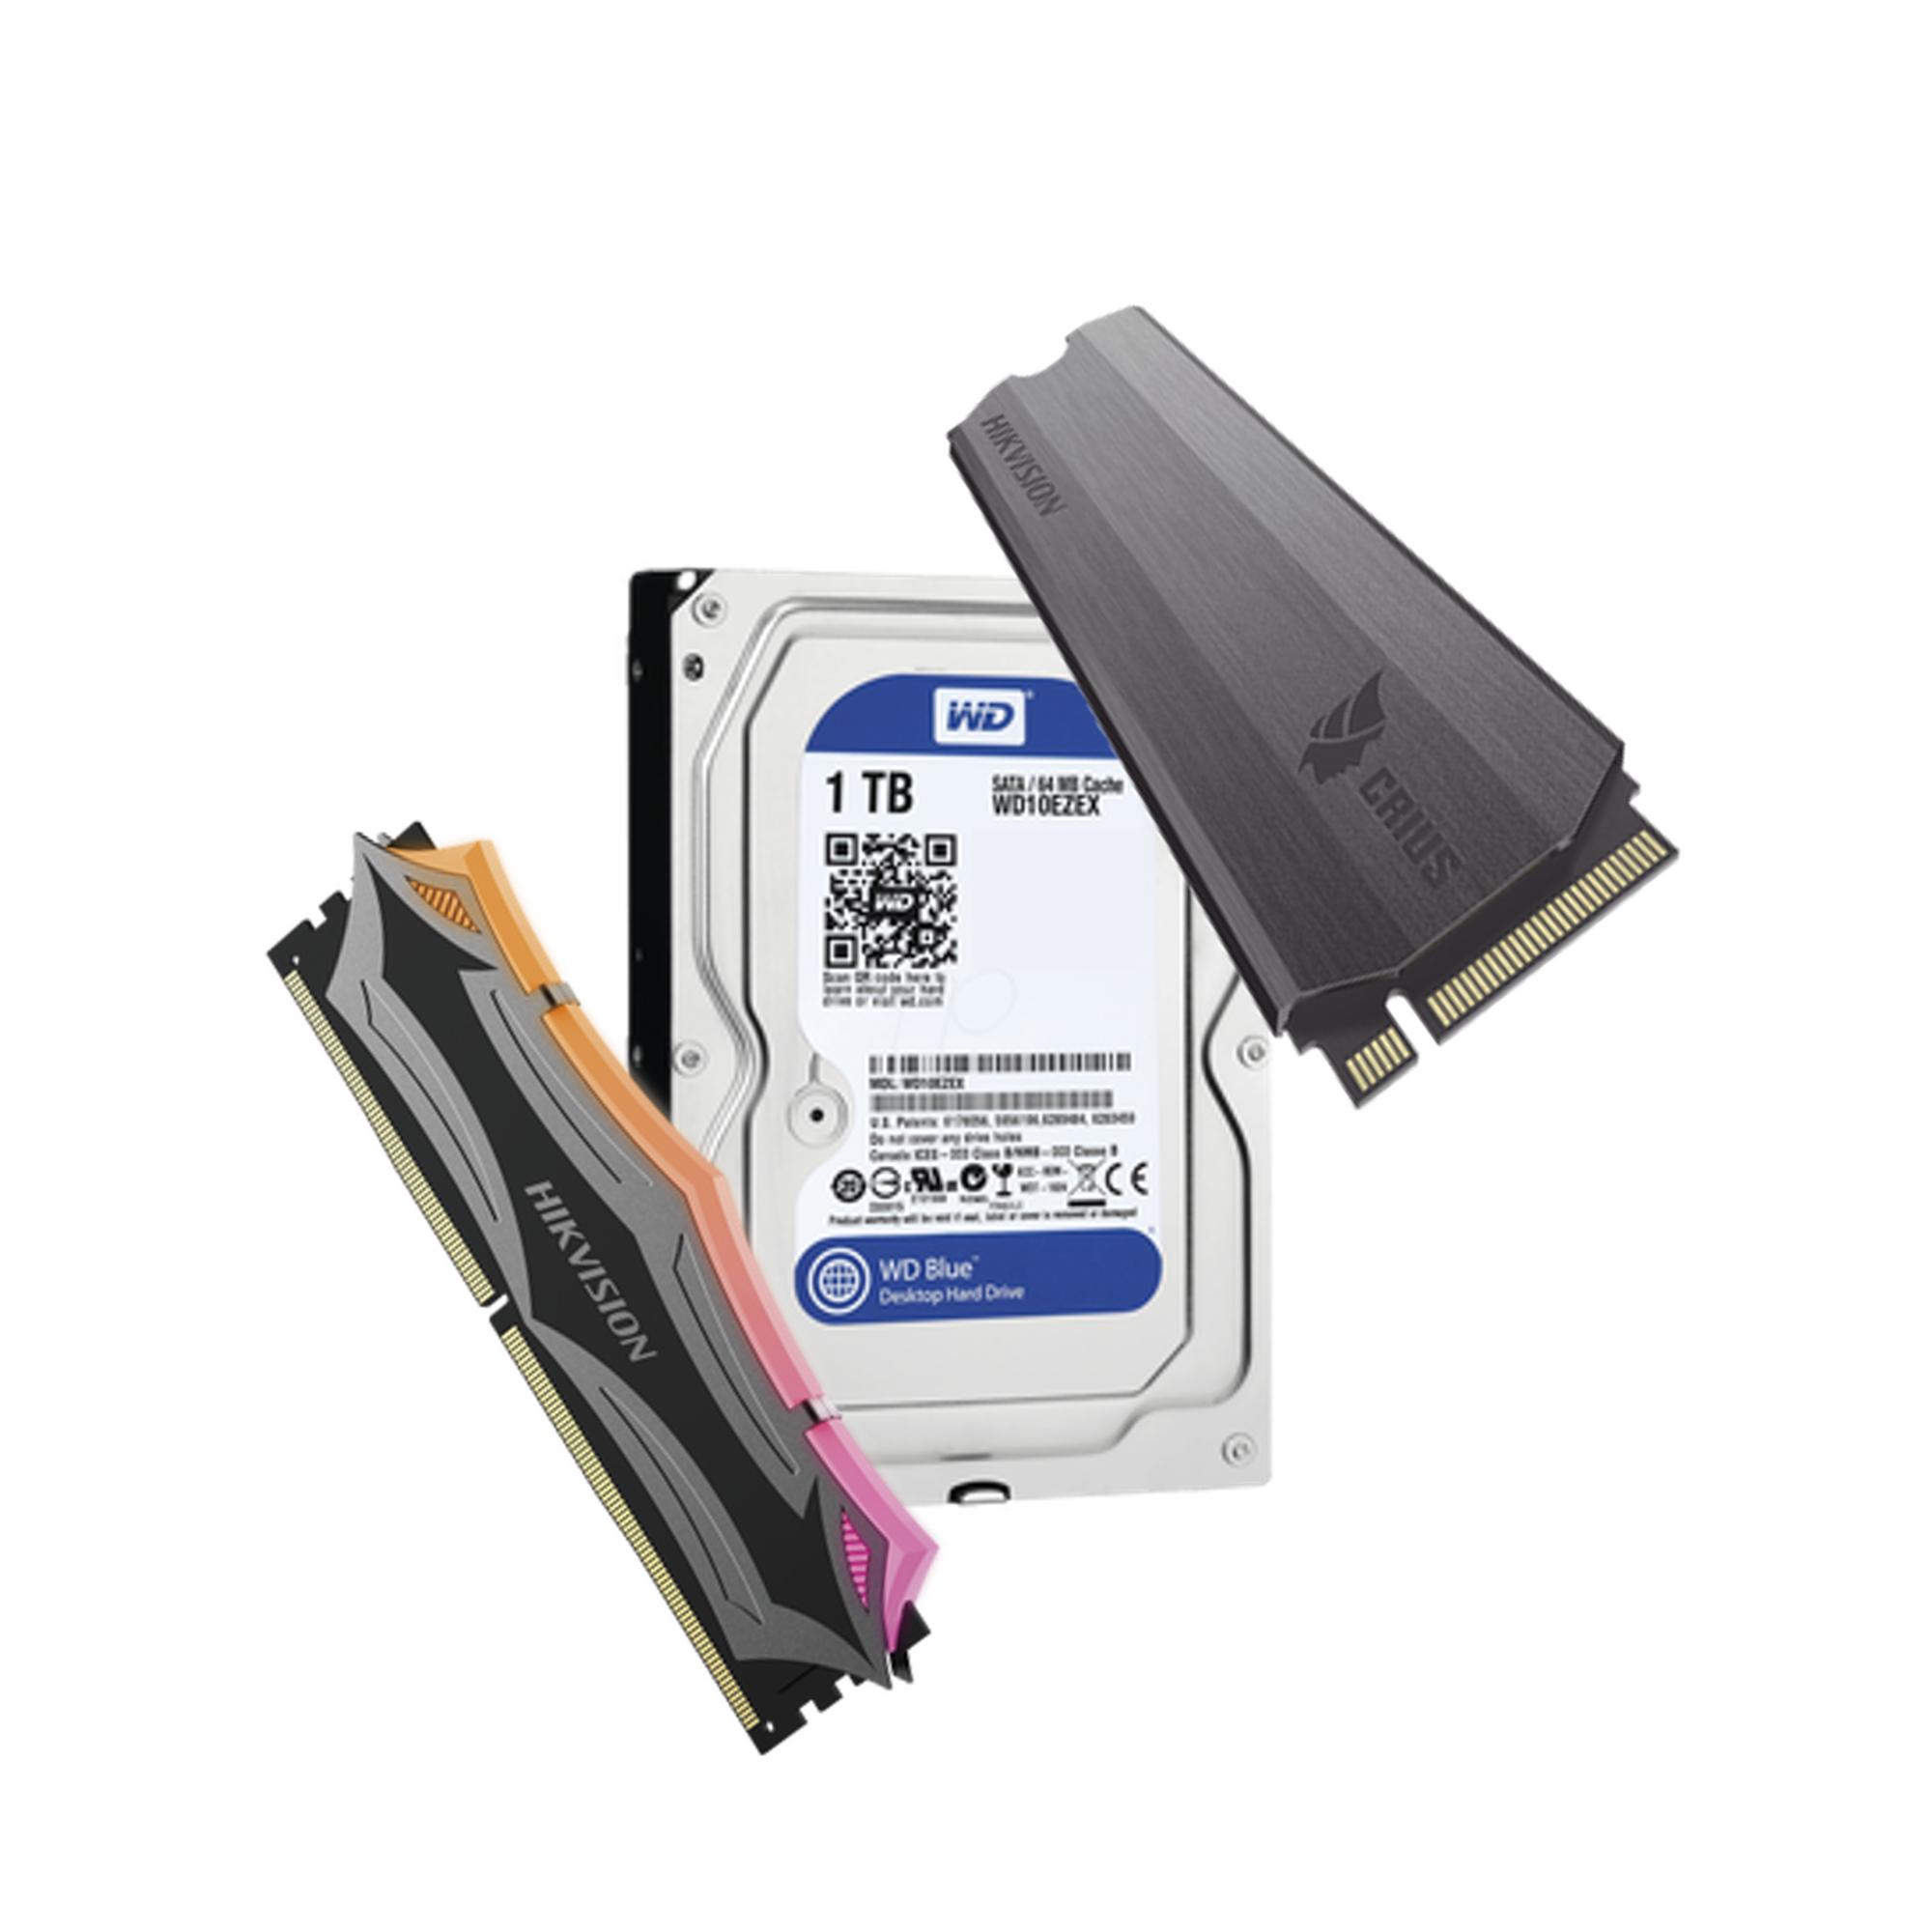 Kit Gamer de RAM 8GB, SSD 1024GB y HDD 1TB